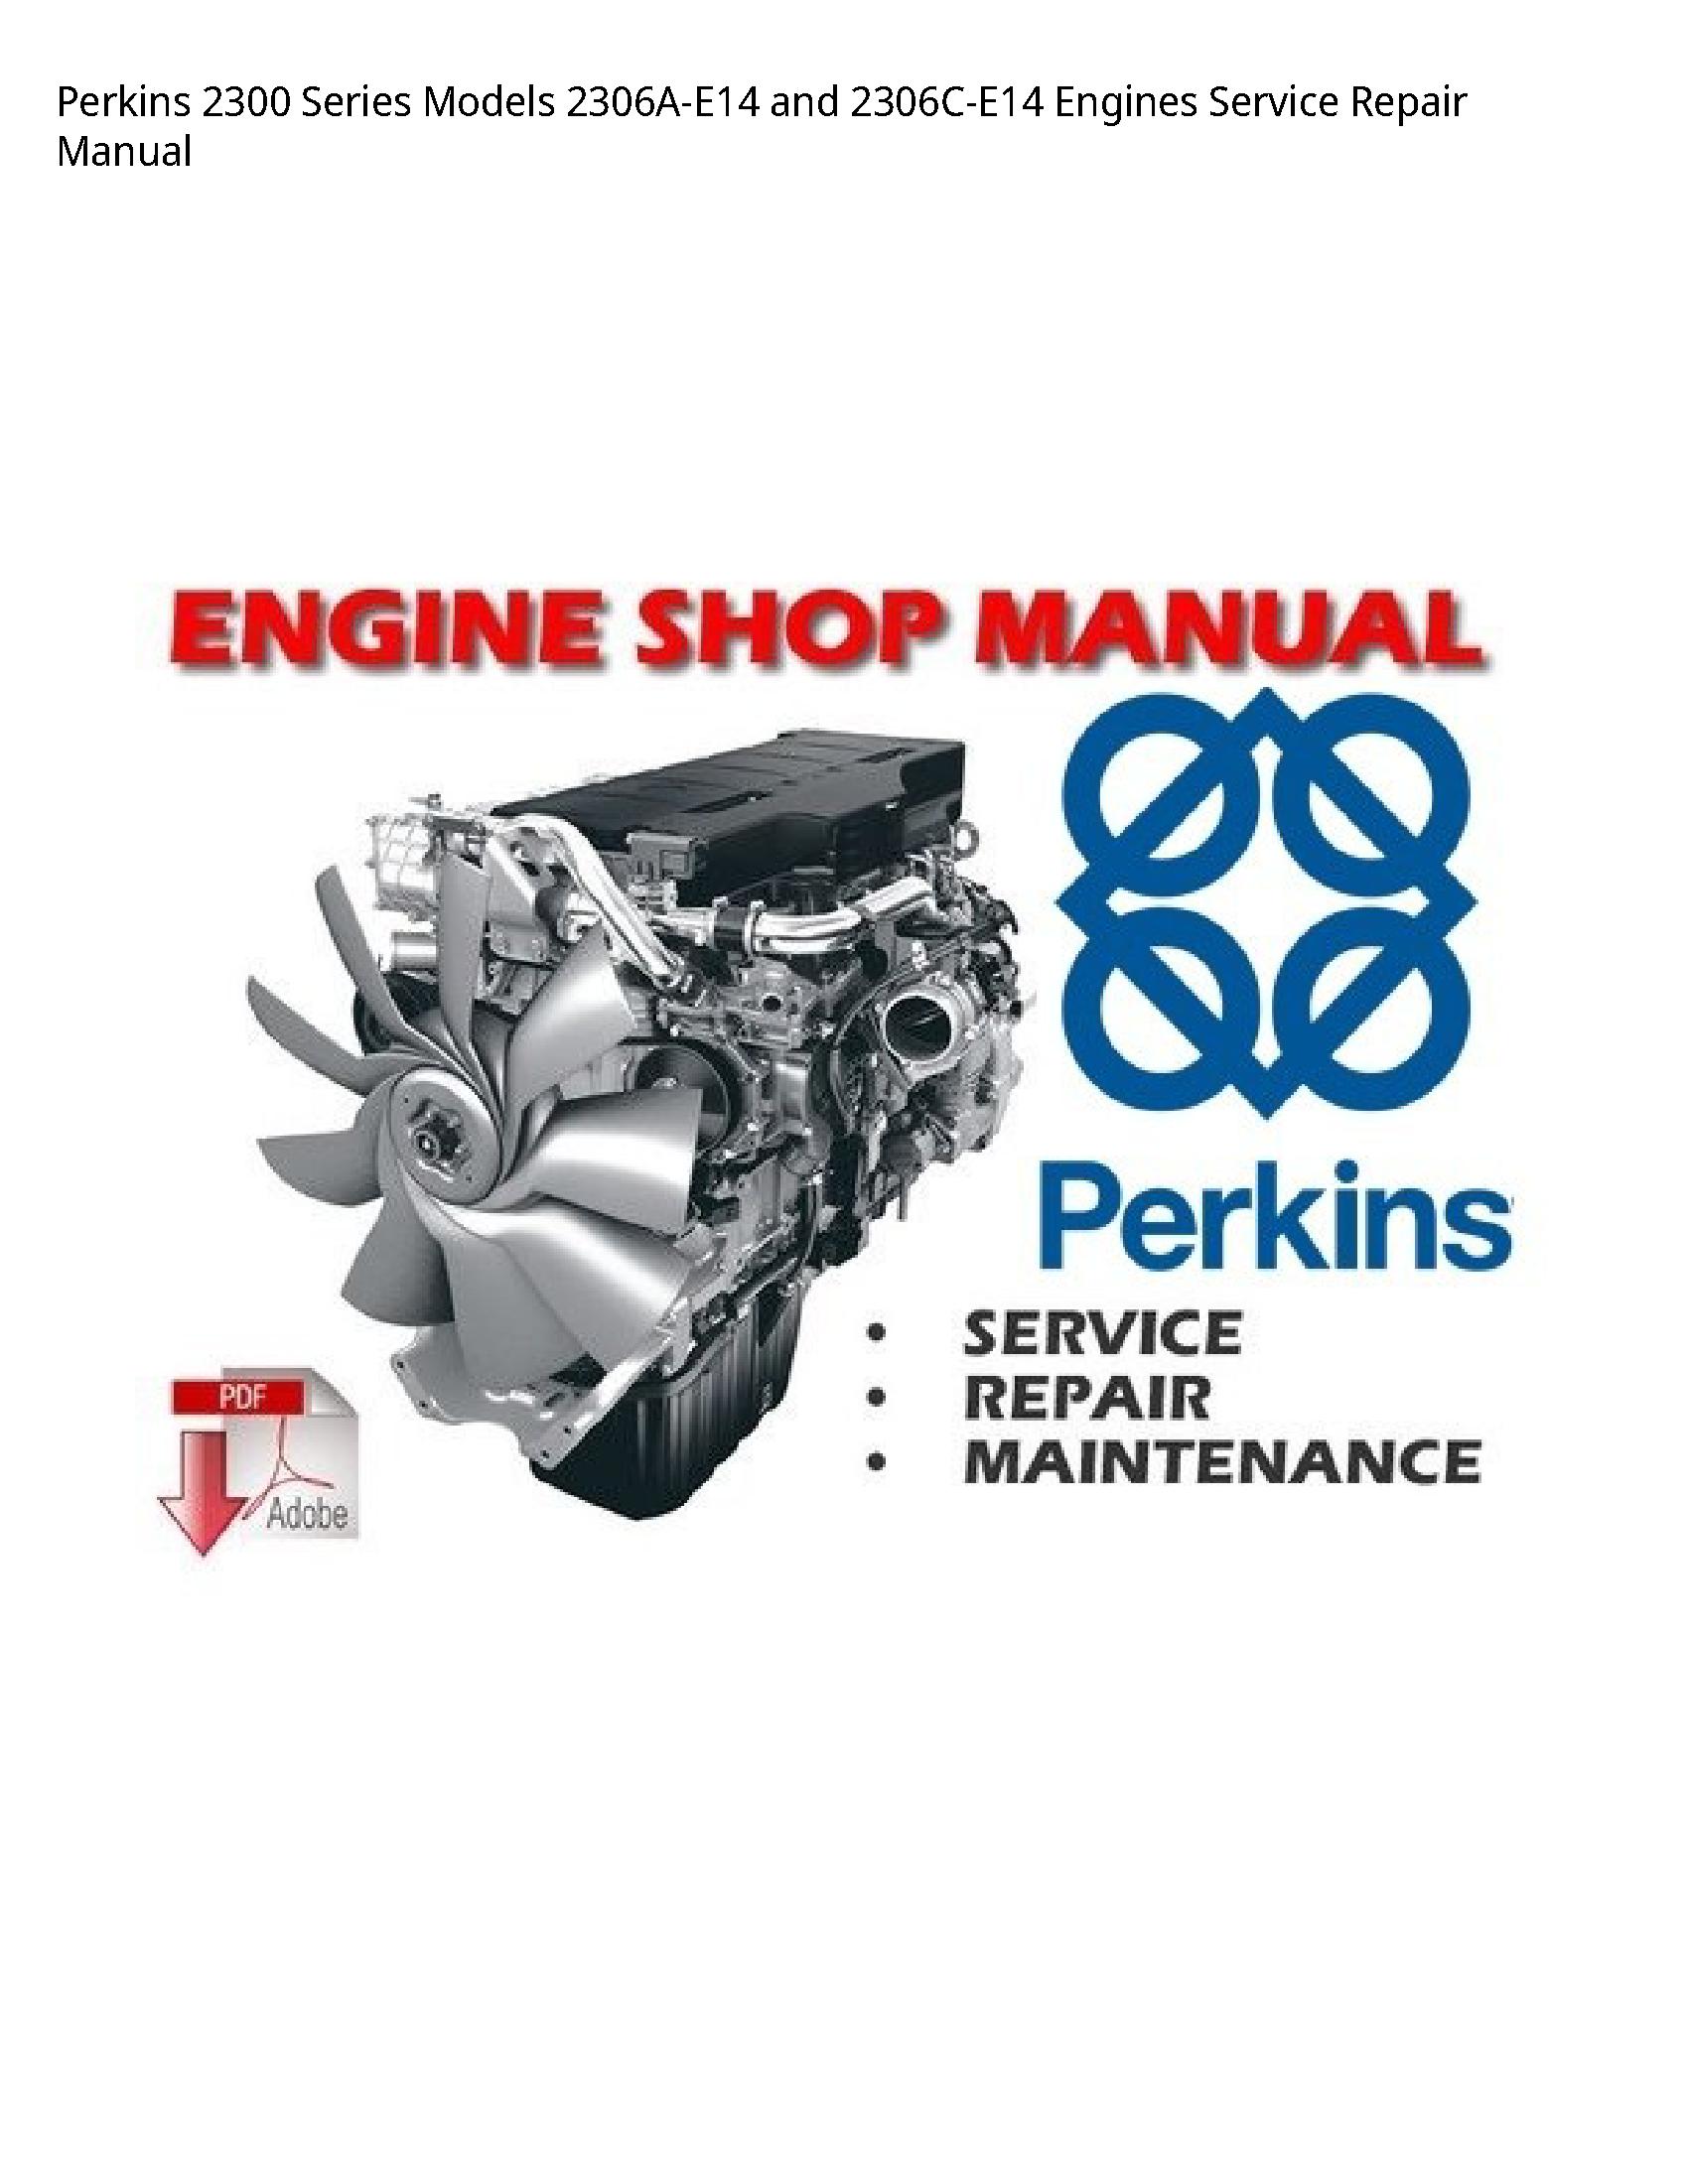 Perkins 2300 Series  Engines manual